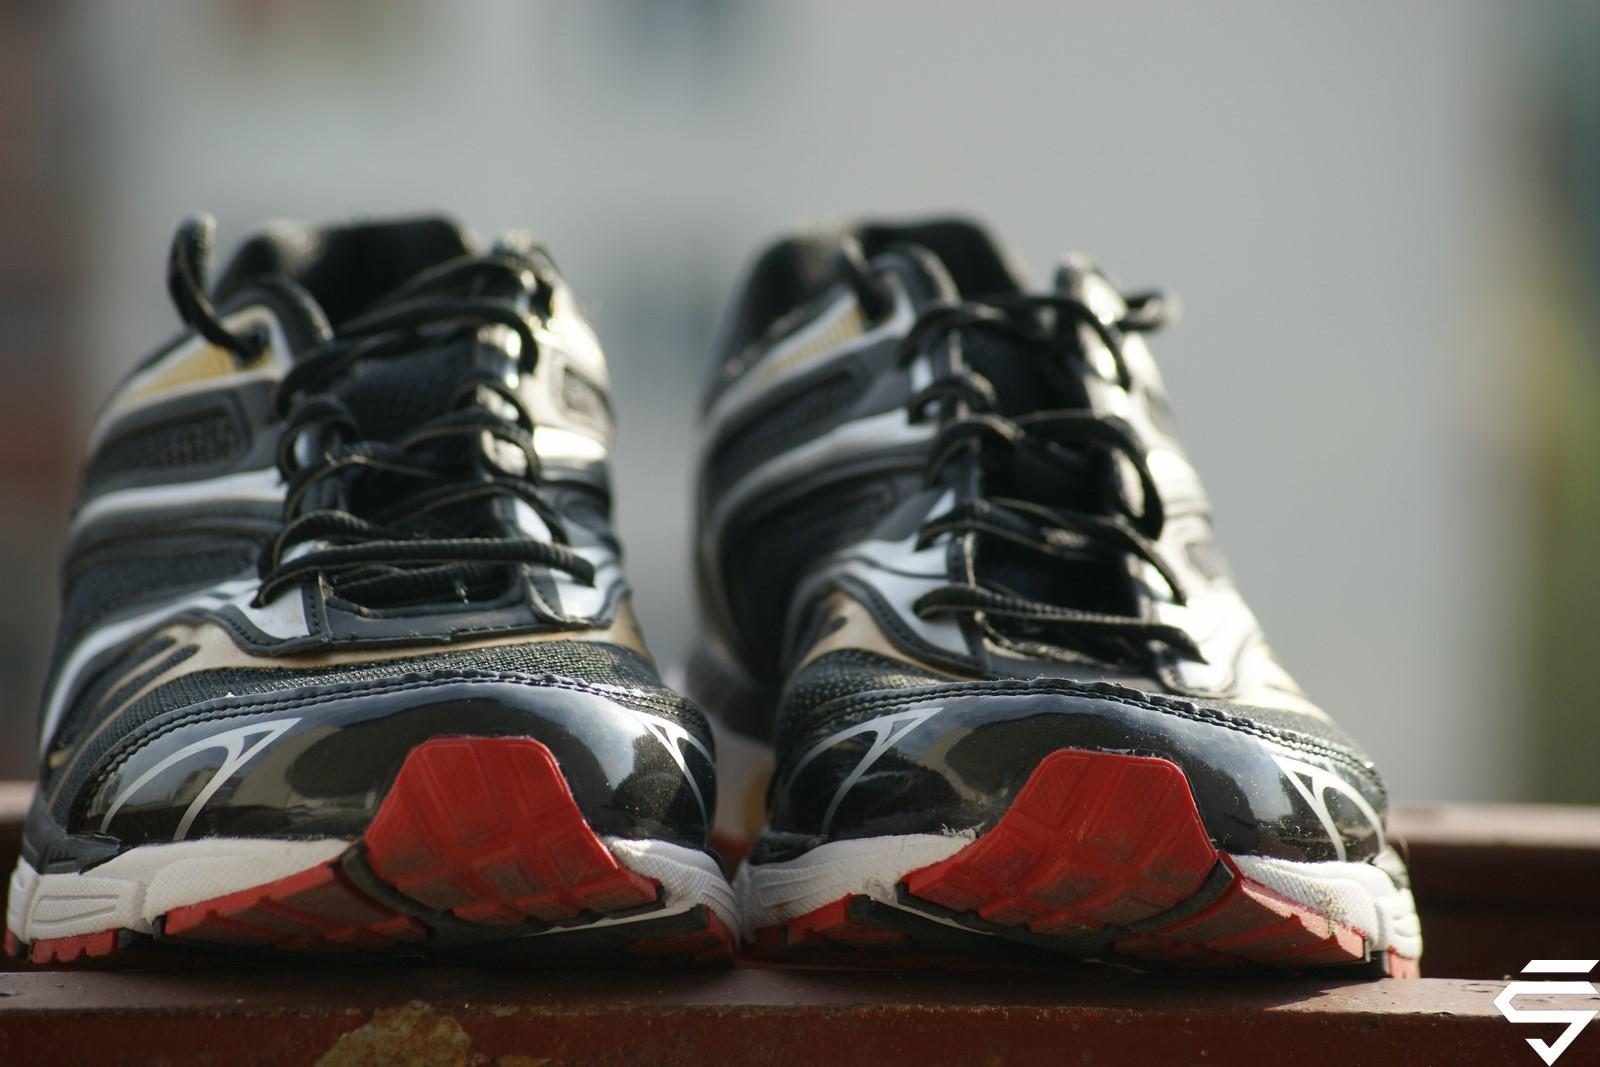 online tutaj Najlepsze miejsce przemyślenia na temat Test butów z Lidla. | Stestuje.pl